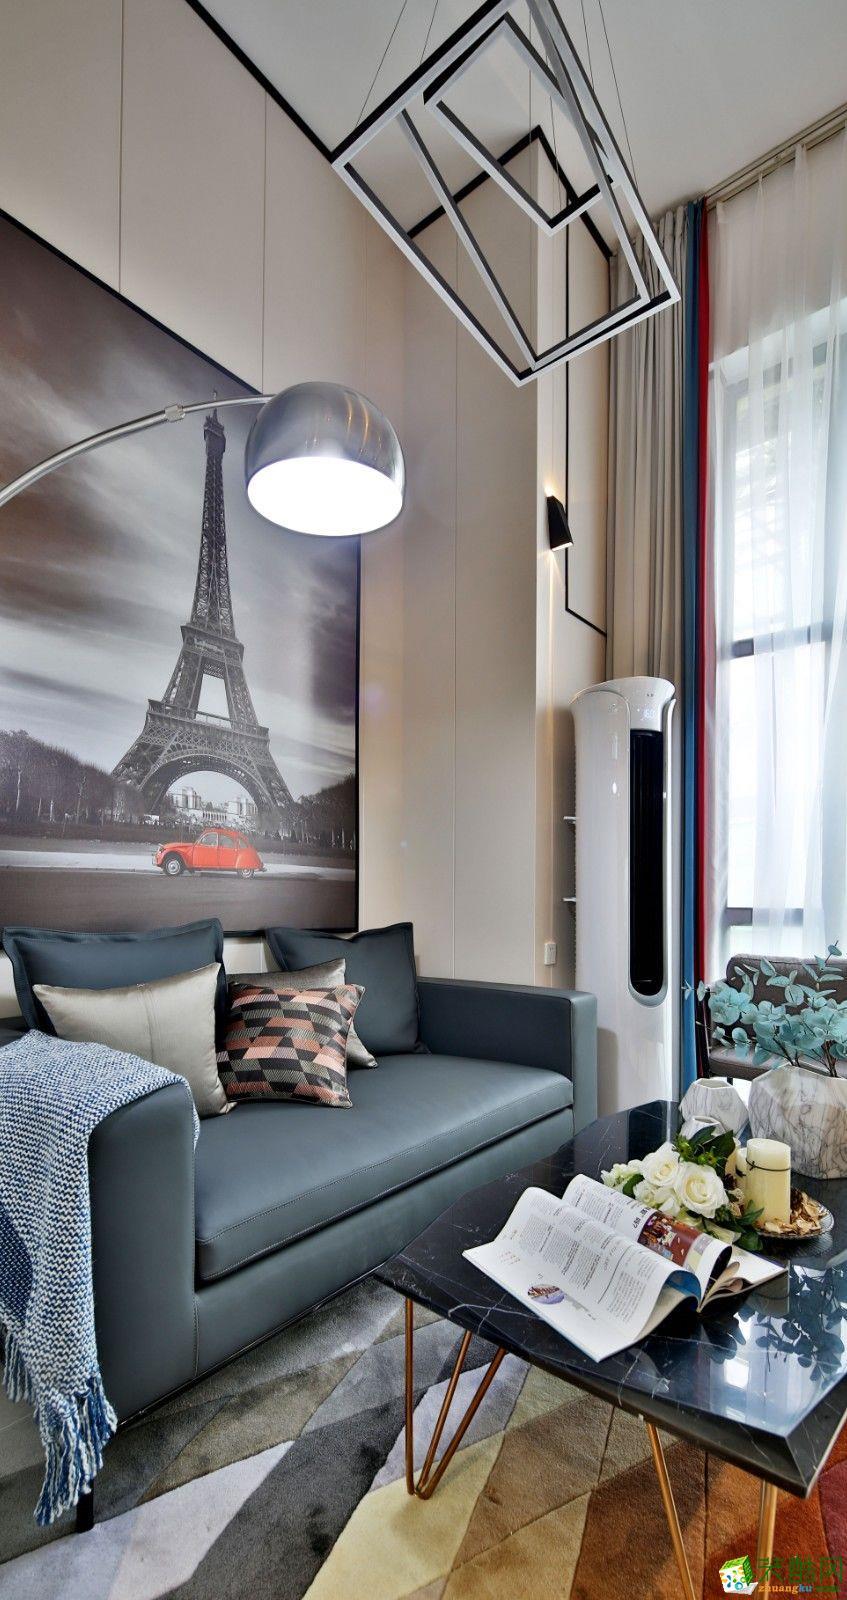 重慶55平米裝修--佳天下裝飾招商錦星匯兩室一廳裝修 現代簡約風格裝修案例效果圖